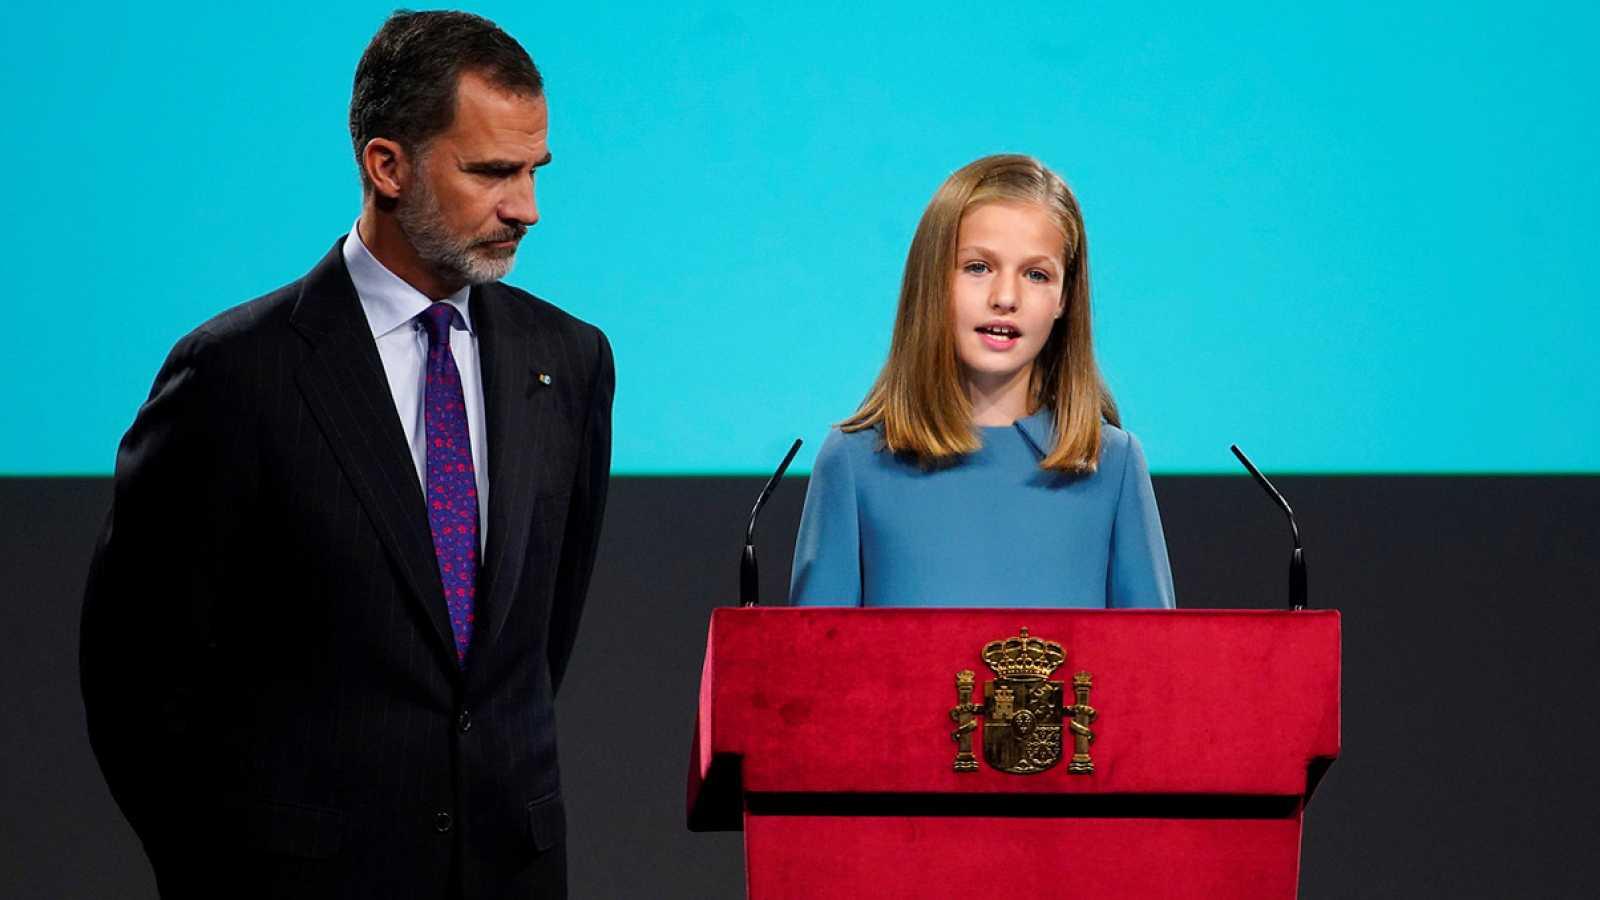 La princesa Leonor realiza su primera intervención pública leyendo el primer artículo de la Constitución